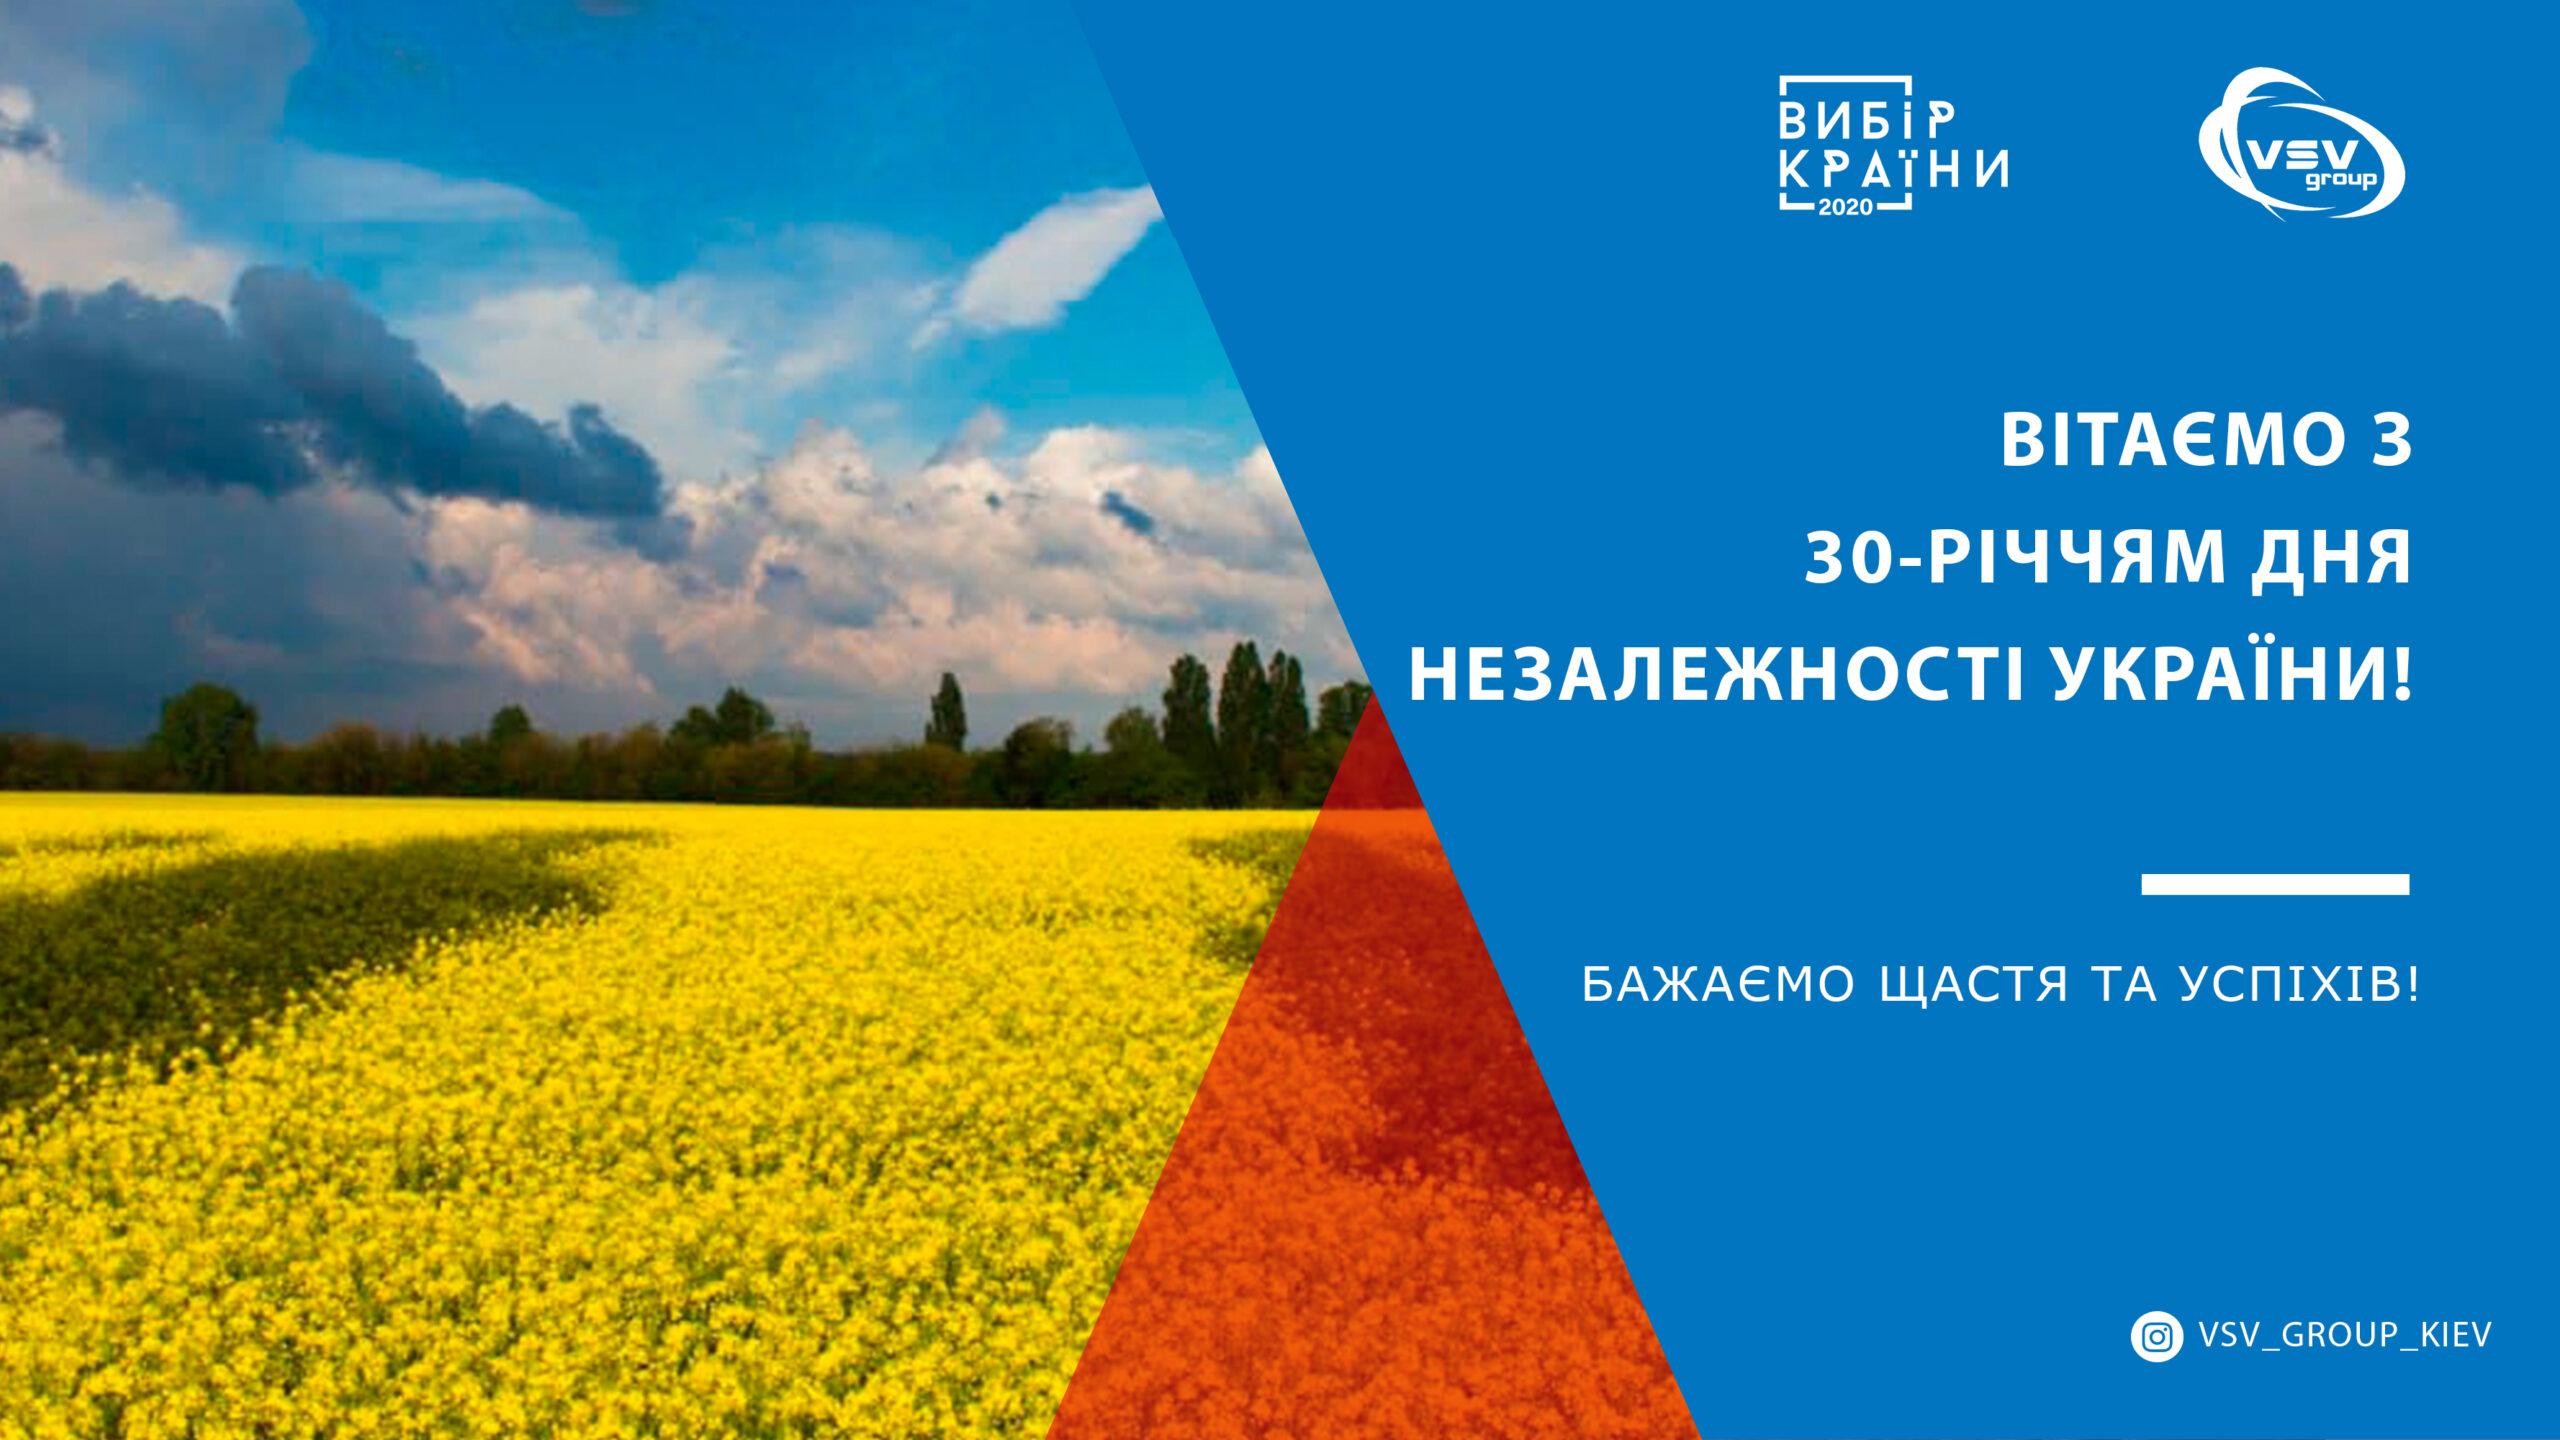 Вітаємо з 30-річчям Незалежності України! - фото - новина від компанії ВСВ-Групп